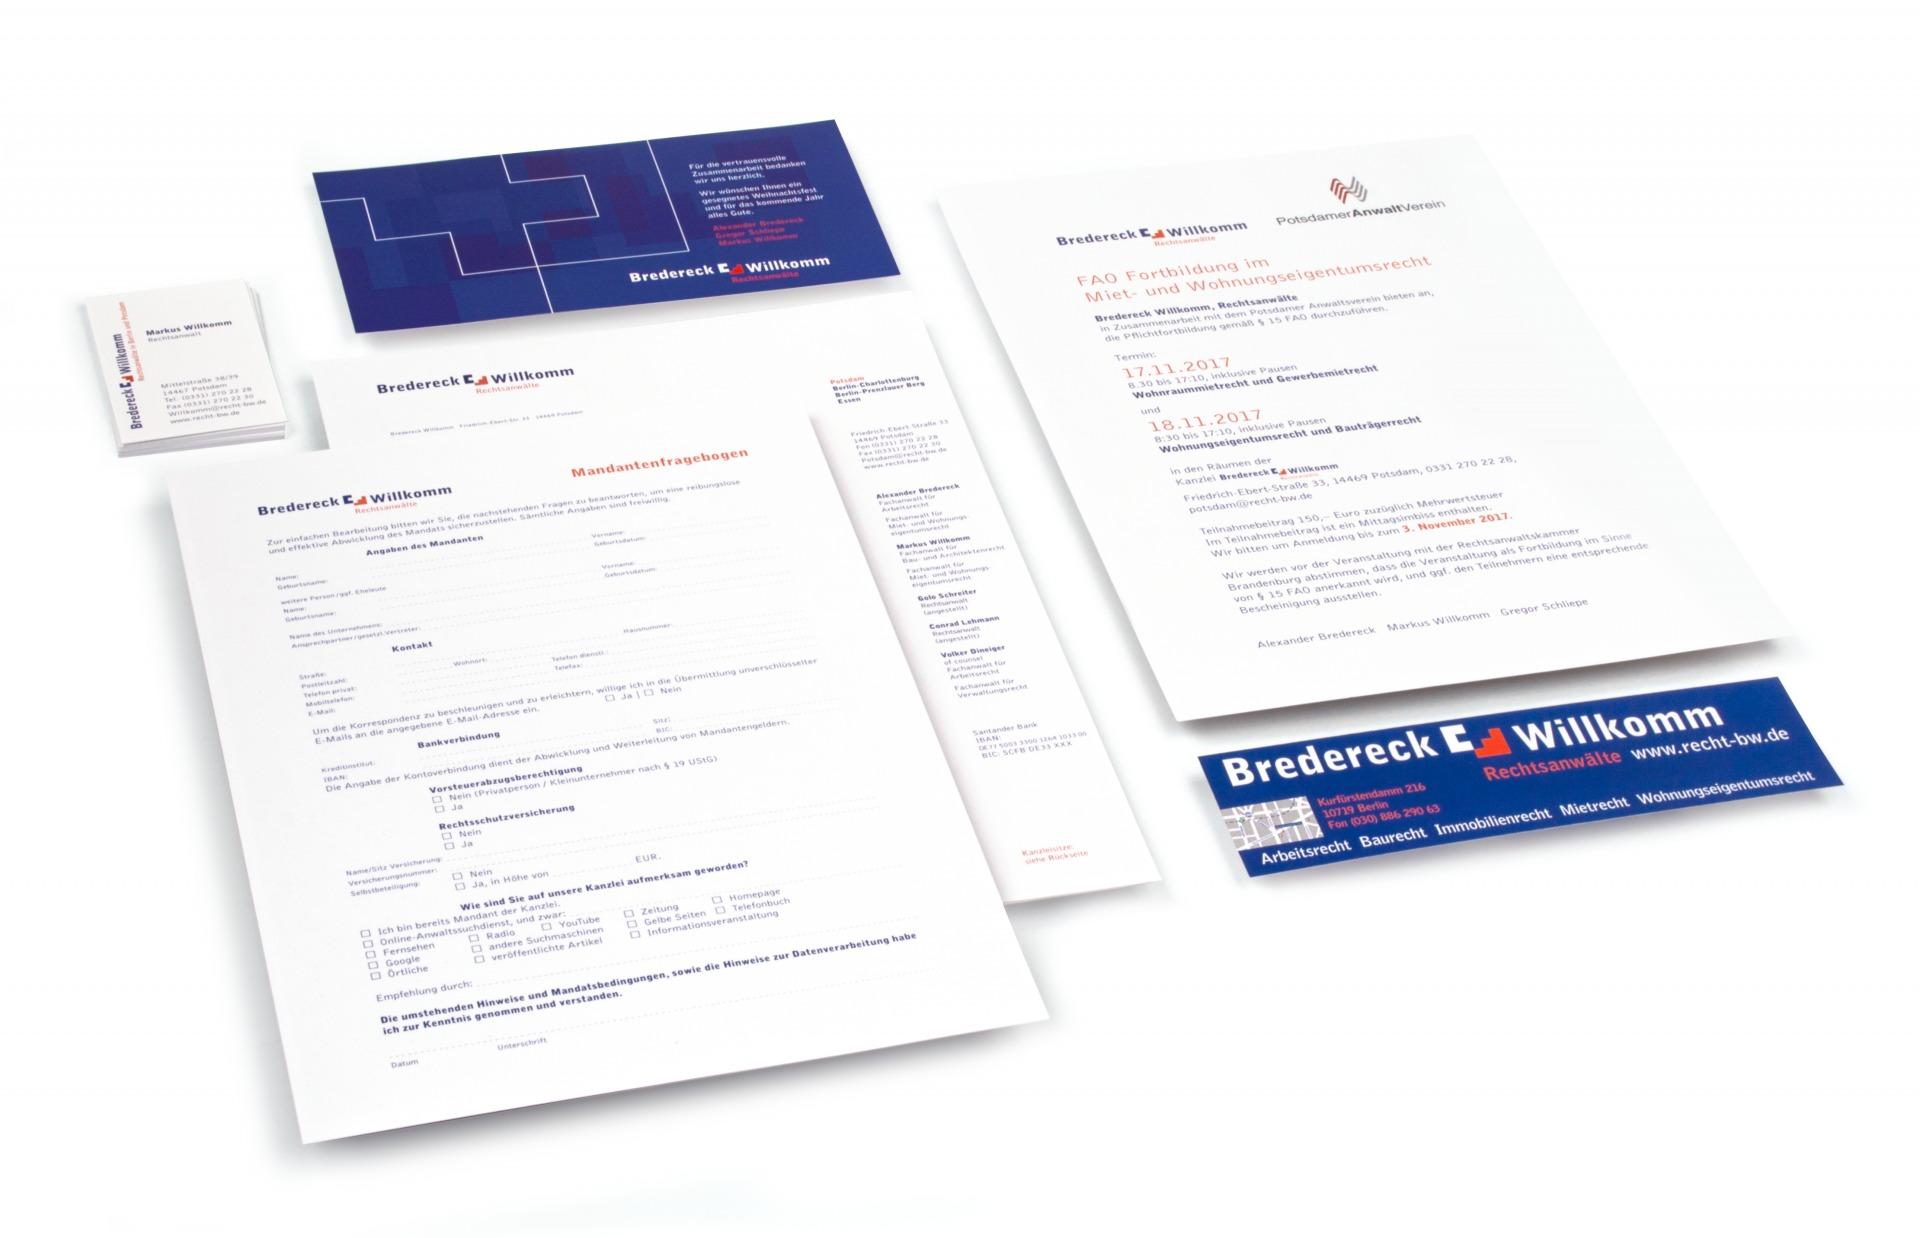 corporatedesign-bundw-geschaeftsausstattung-copyright-typoly